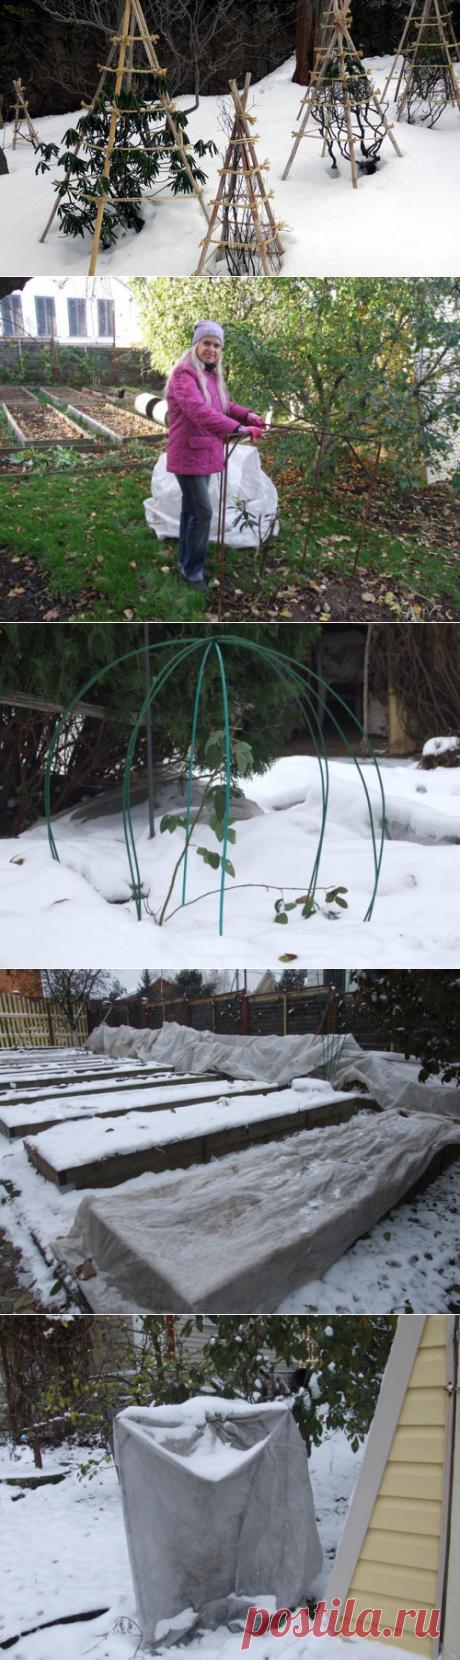 Укрытие растений: ошибки при подготовке сада к зиме